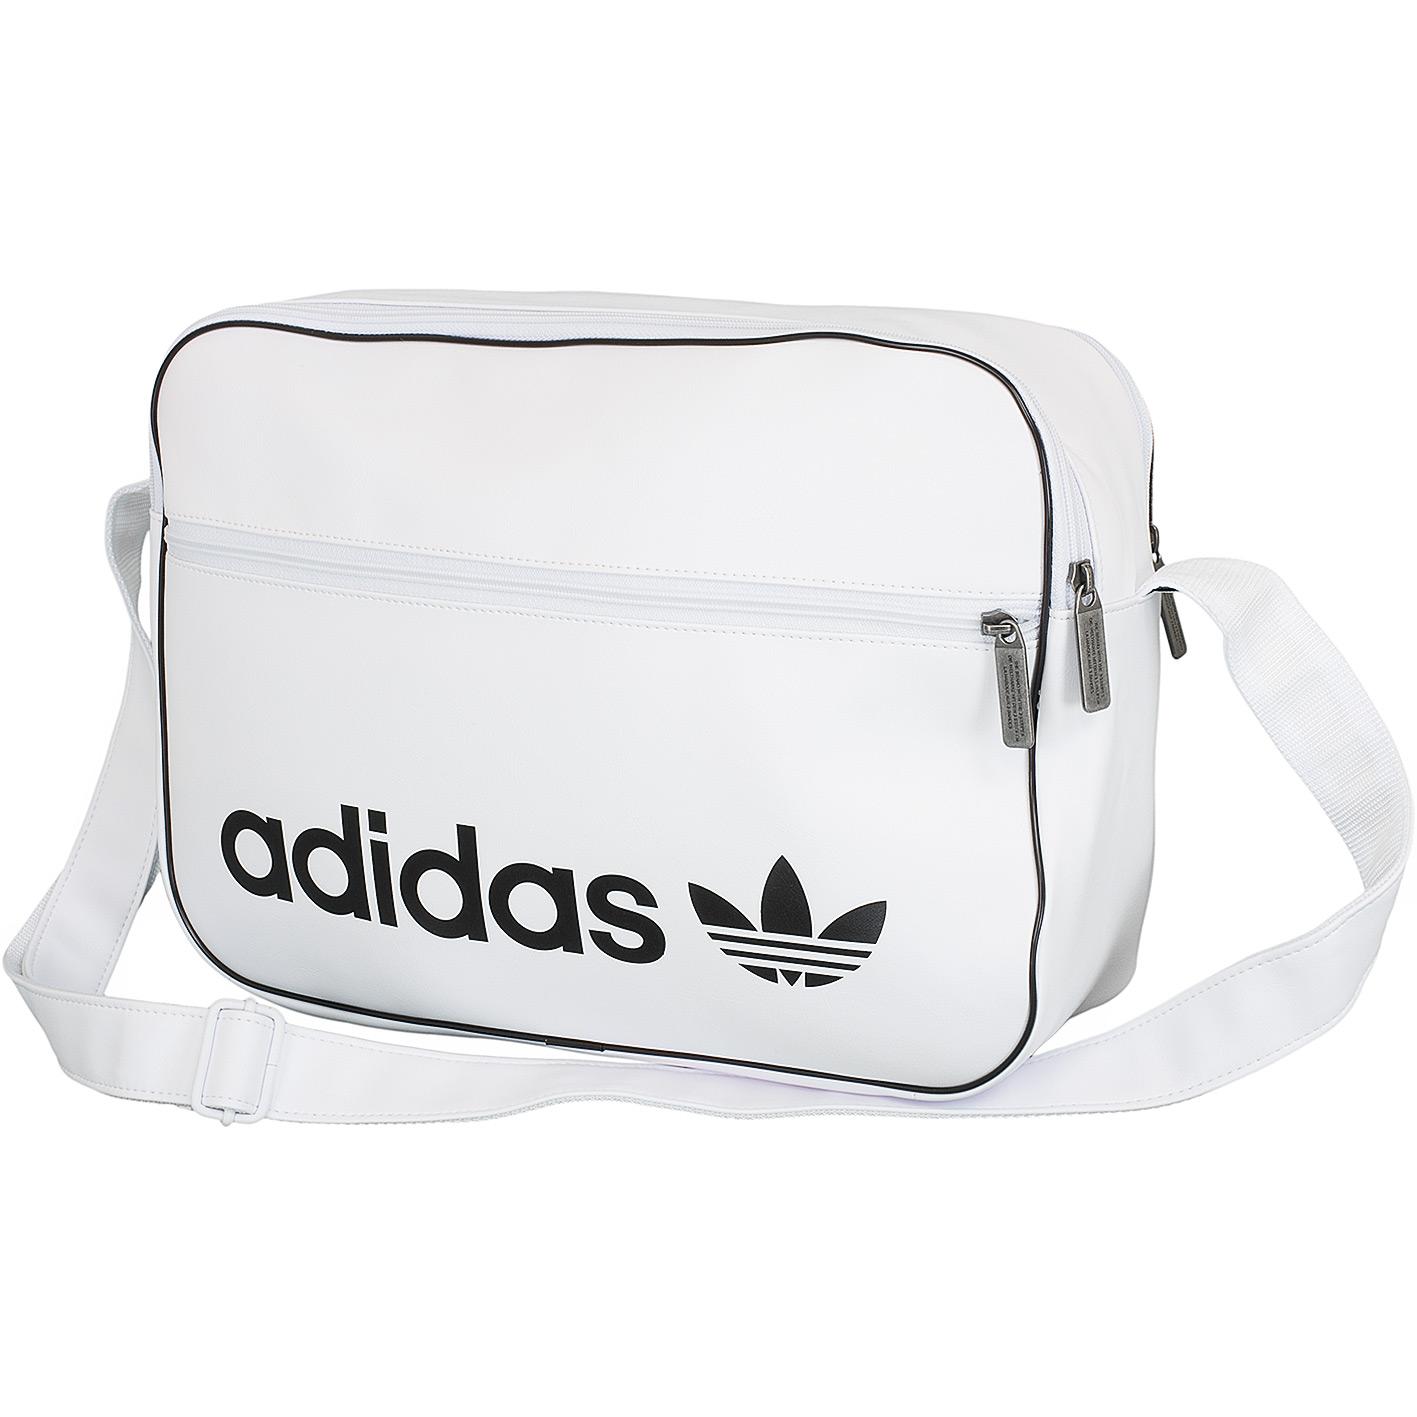 d5cffb2d63c51 ☆ Adidas Originals Tasche Airliner Vintage weiß - hier bestellen!